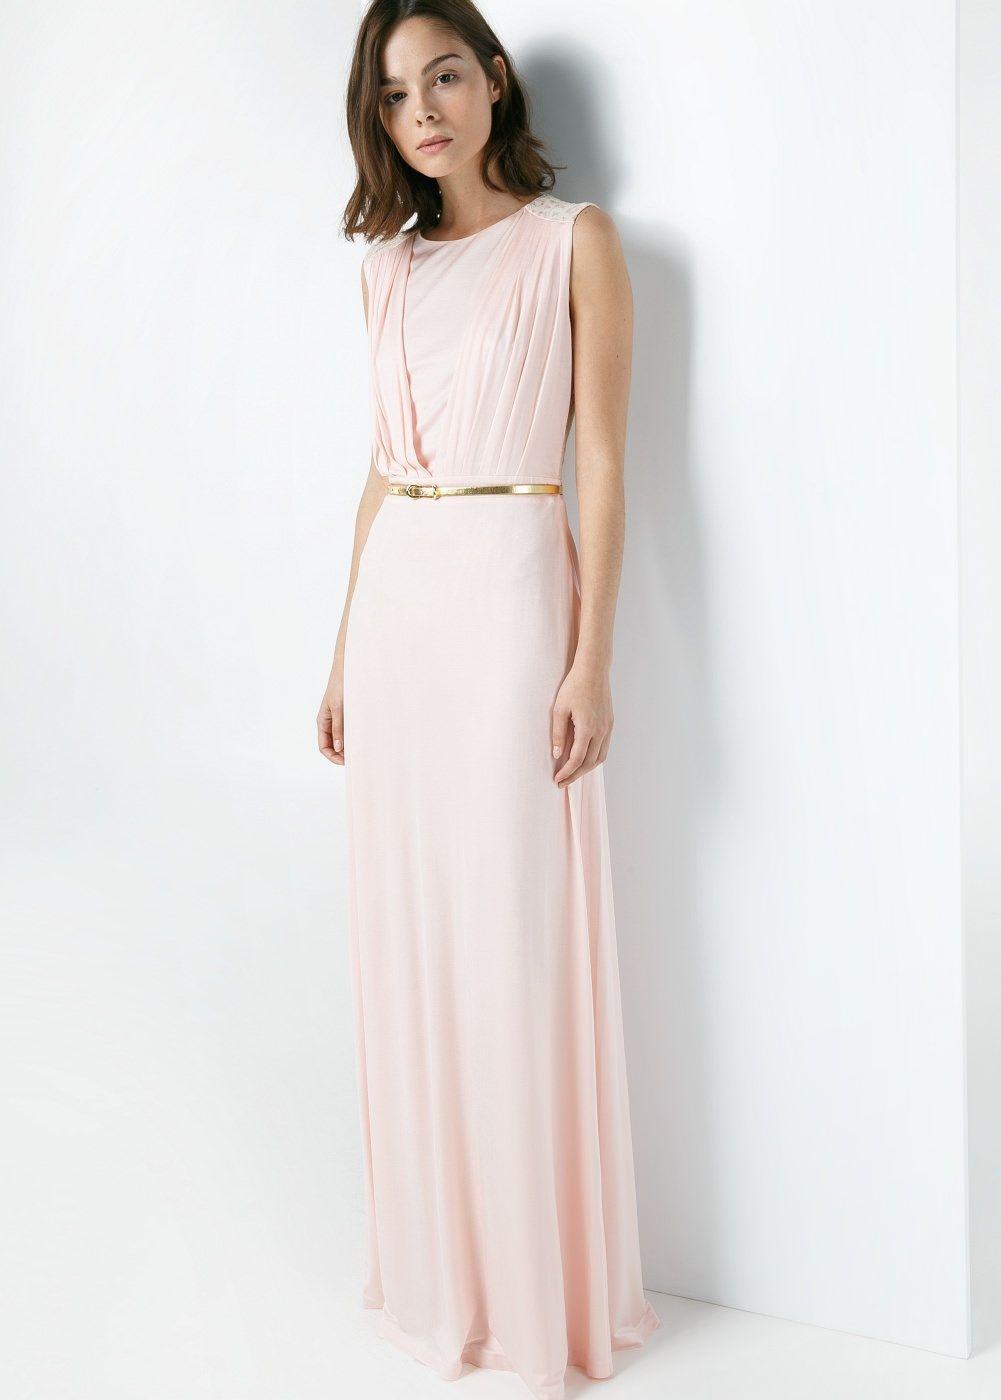 d05fe42c541 Vestidos largos juveniles sencillos Bellos Diseños con Foto! Vestido  espalda encaje